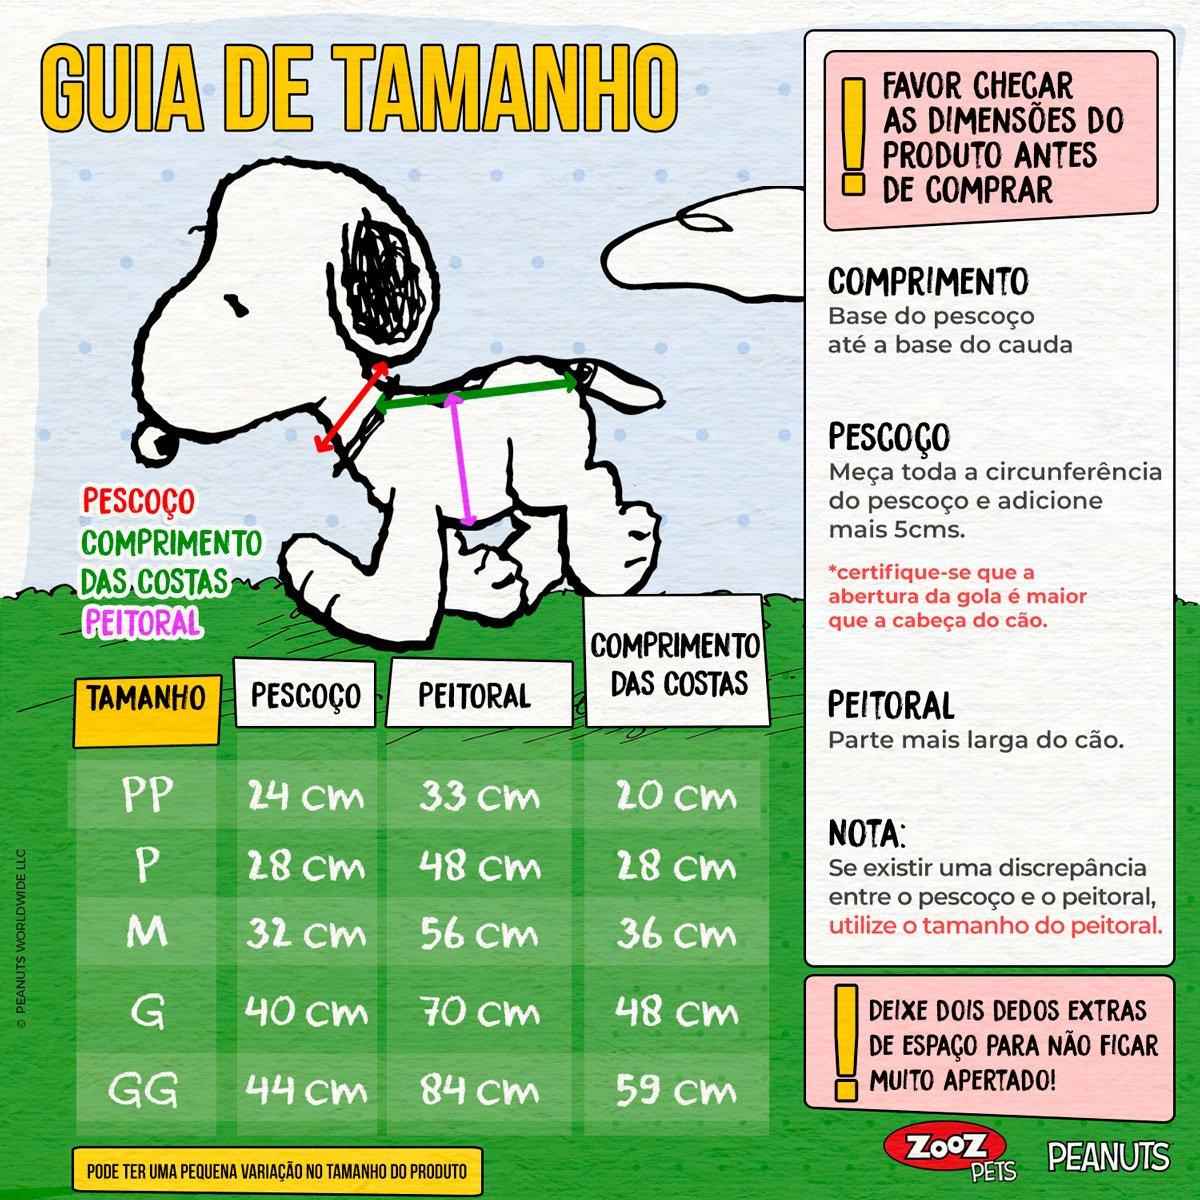 Roupinha Moletom para cães modelo Snoopy Charlie Brown Hug Jade com Capuz Zooz Pets